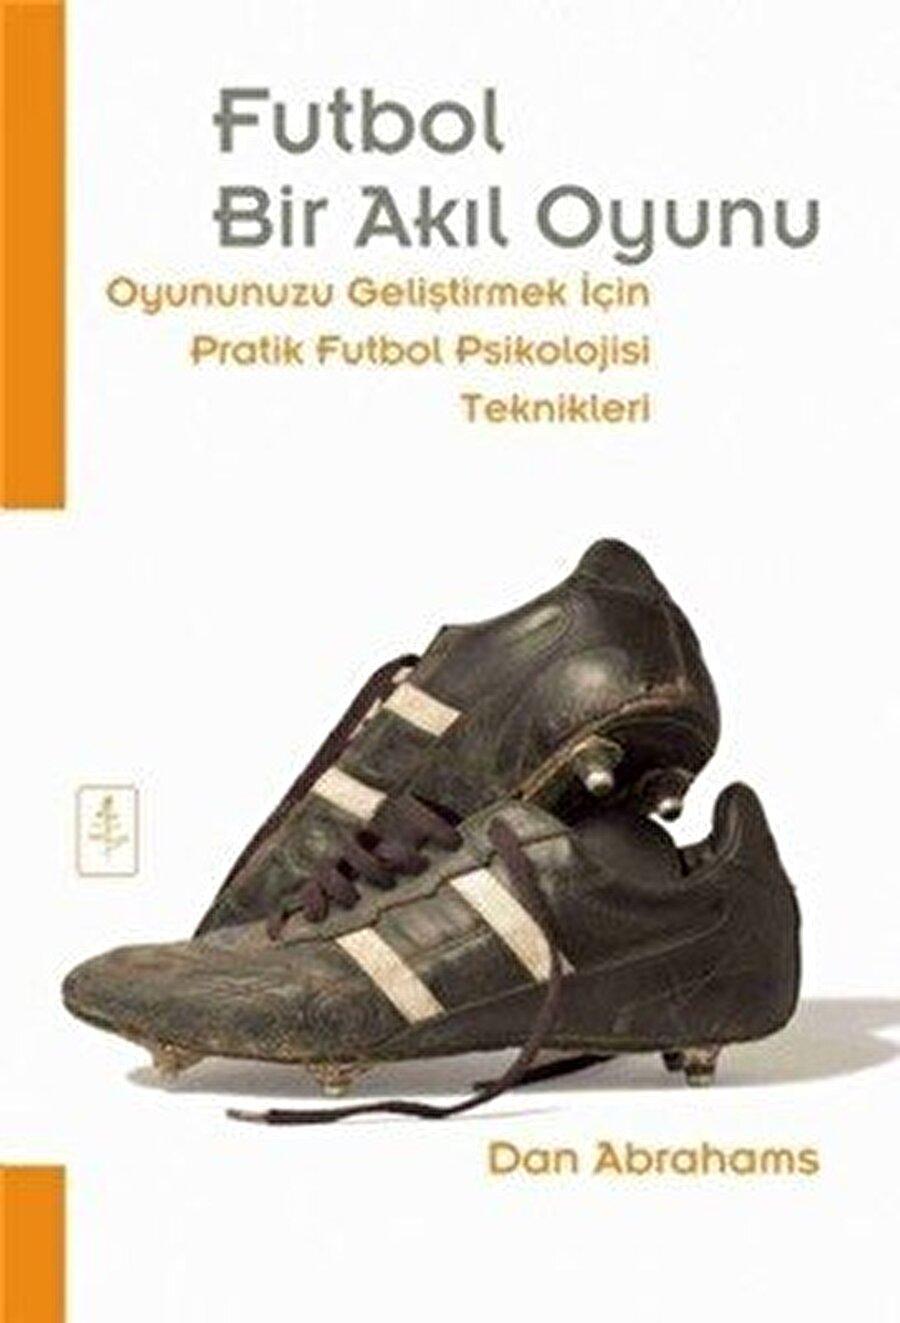 Kişisel gelişim kitaplarını ve futbol konulu kitapları seviyor.